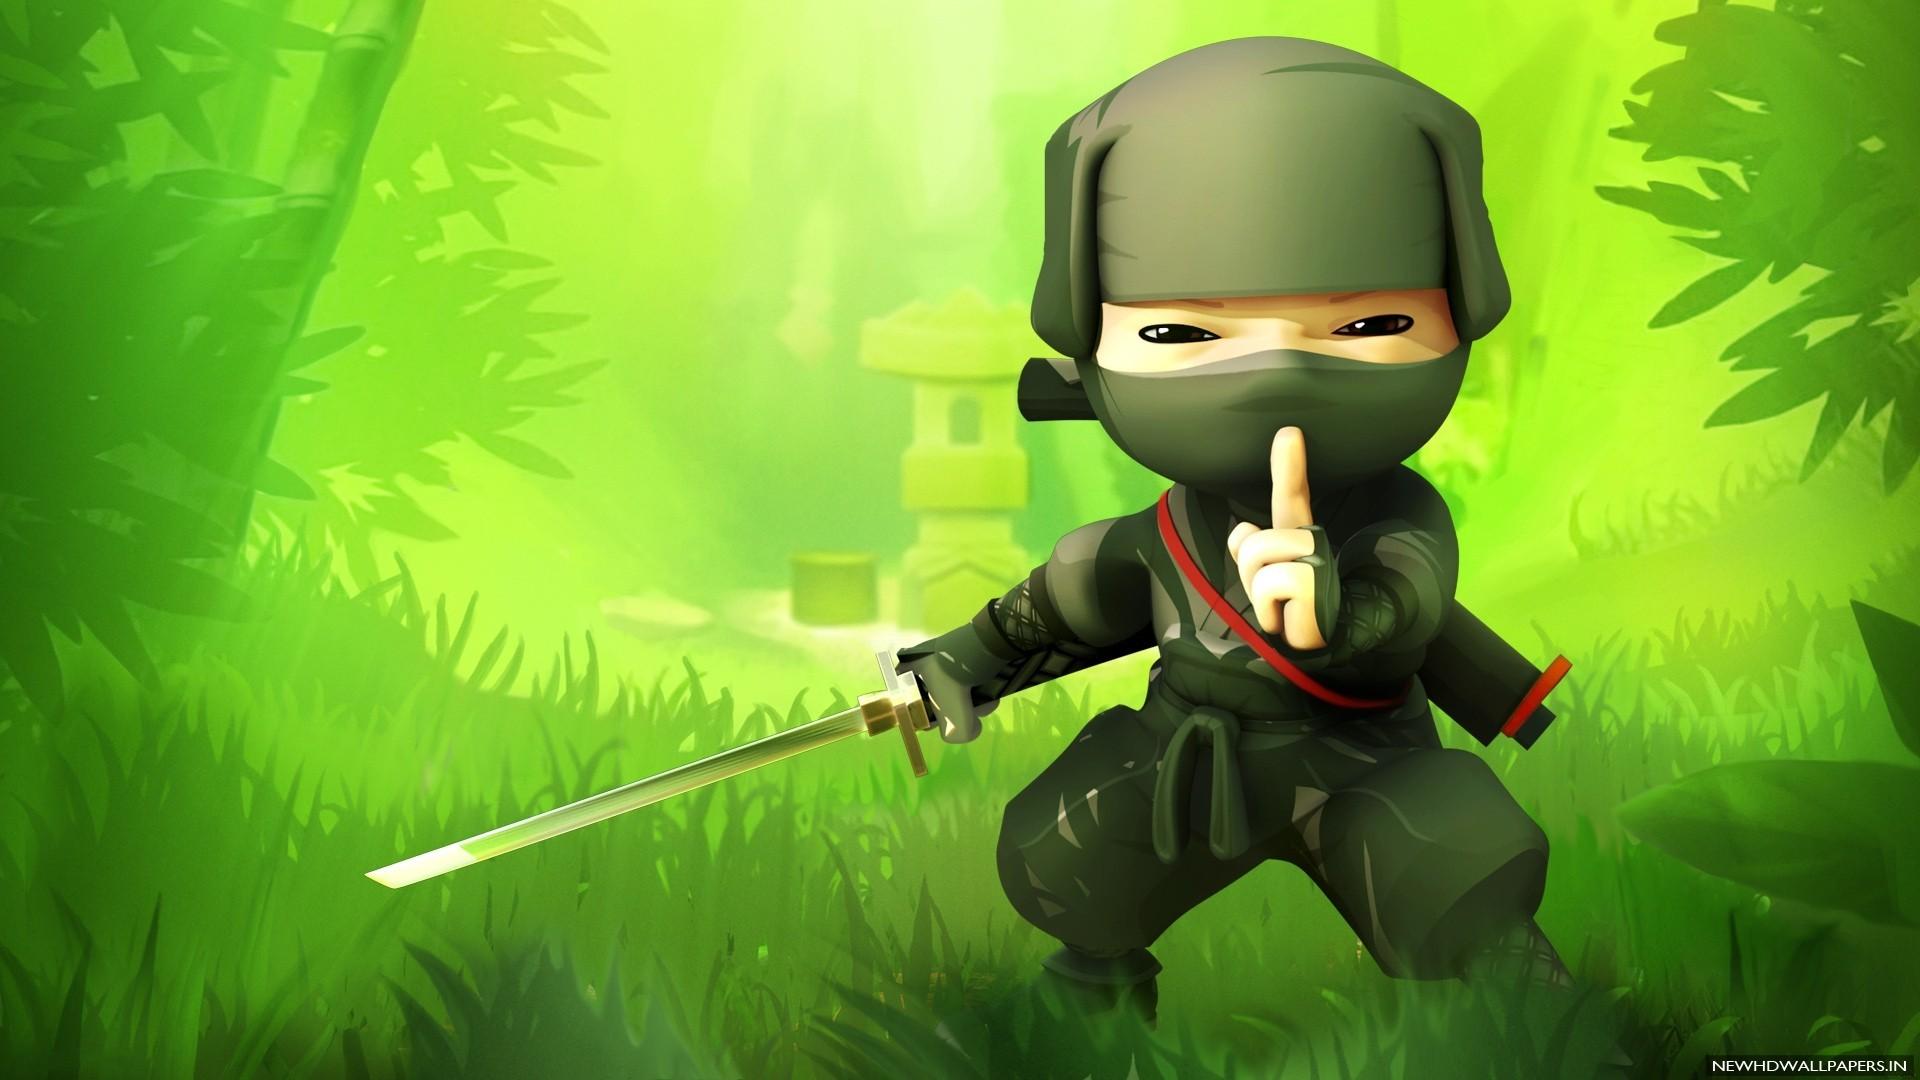 Ninja Wallpapers HD - WallpaperSafari